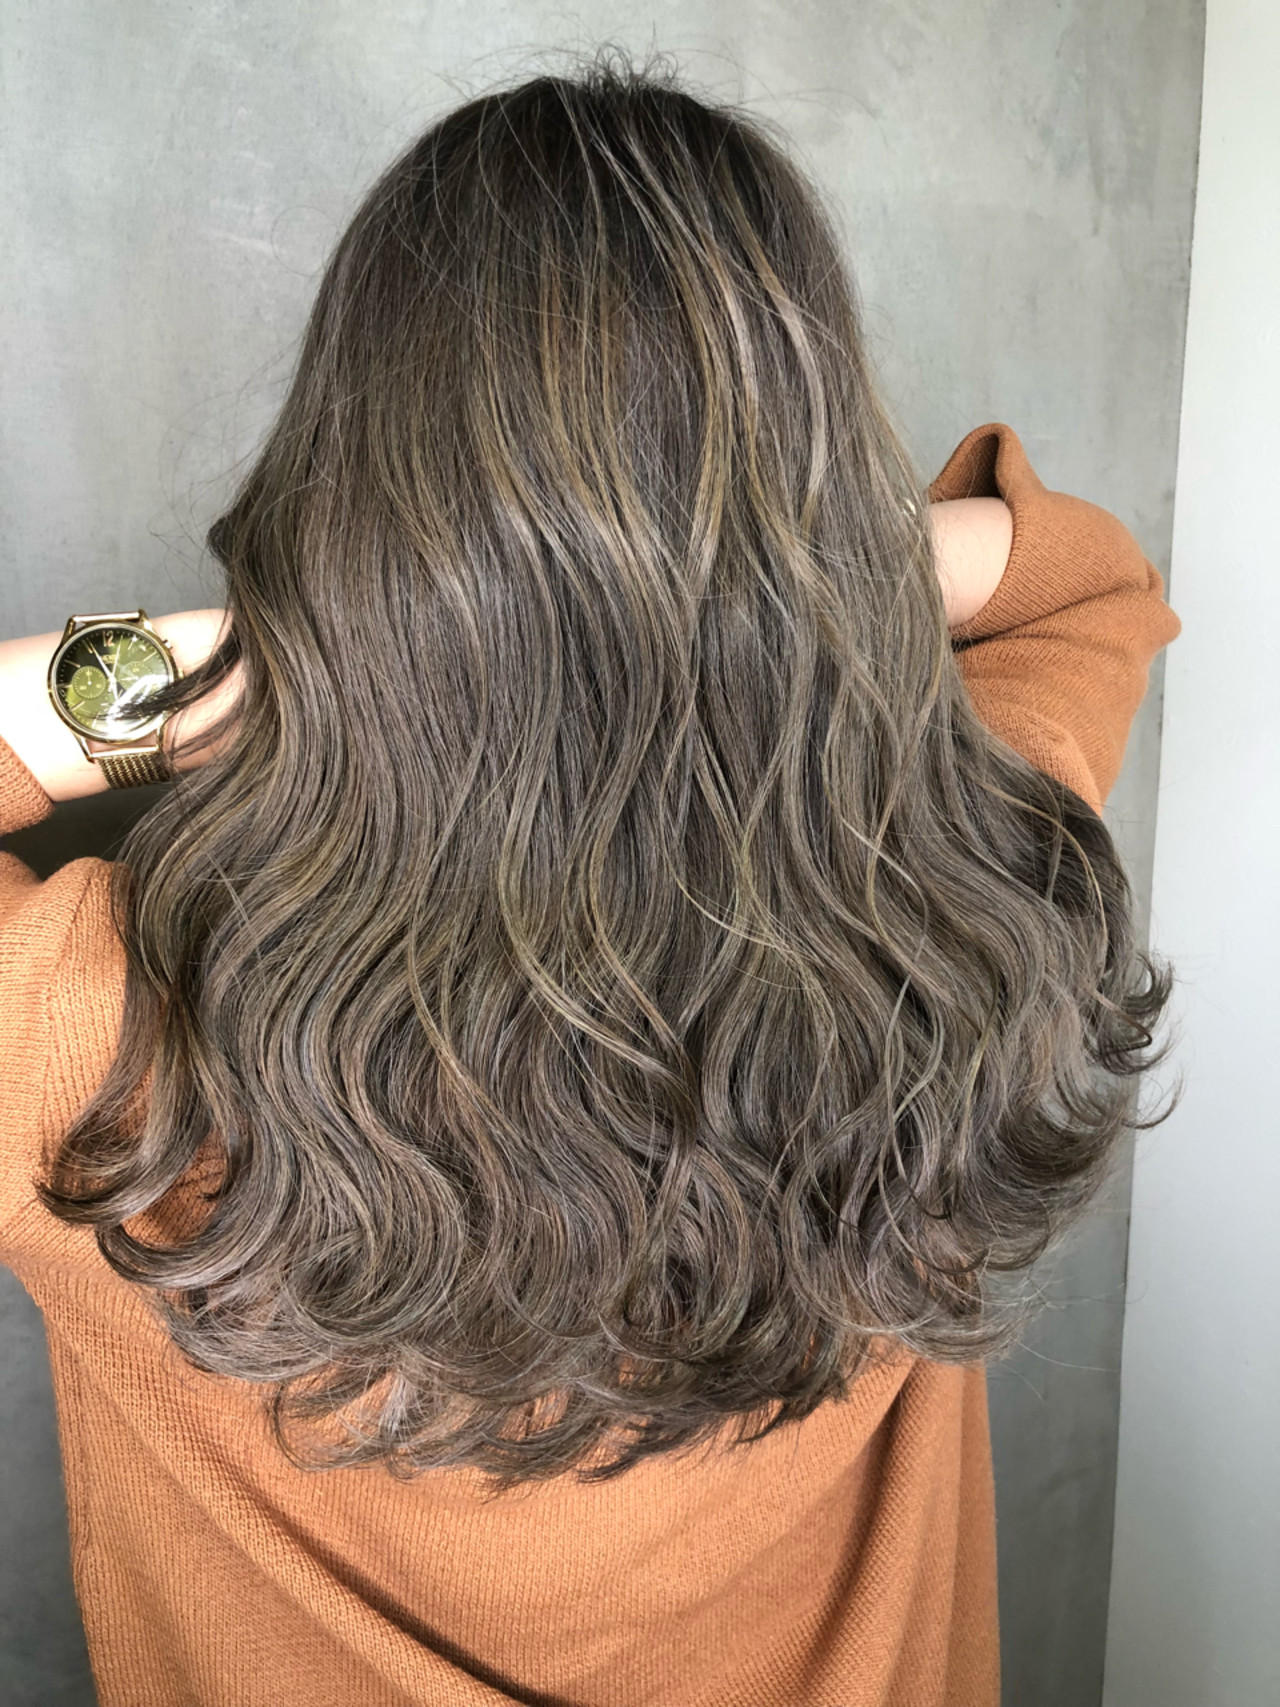 ナチュラル ヘアアレンジ ロング アウトドア ヘアスタイルや髪型の写真・画像 | 筒井 隆由 / Hair salon mode